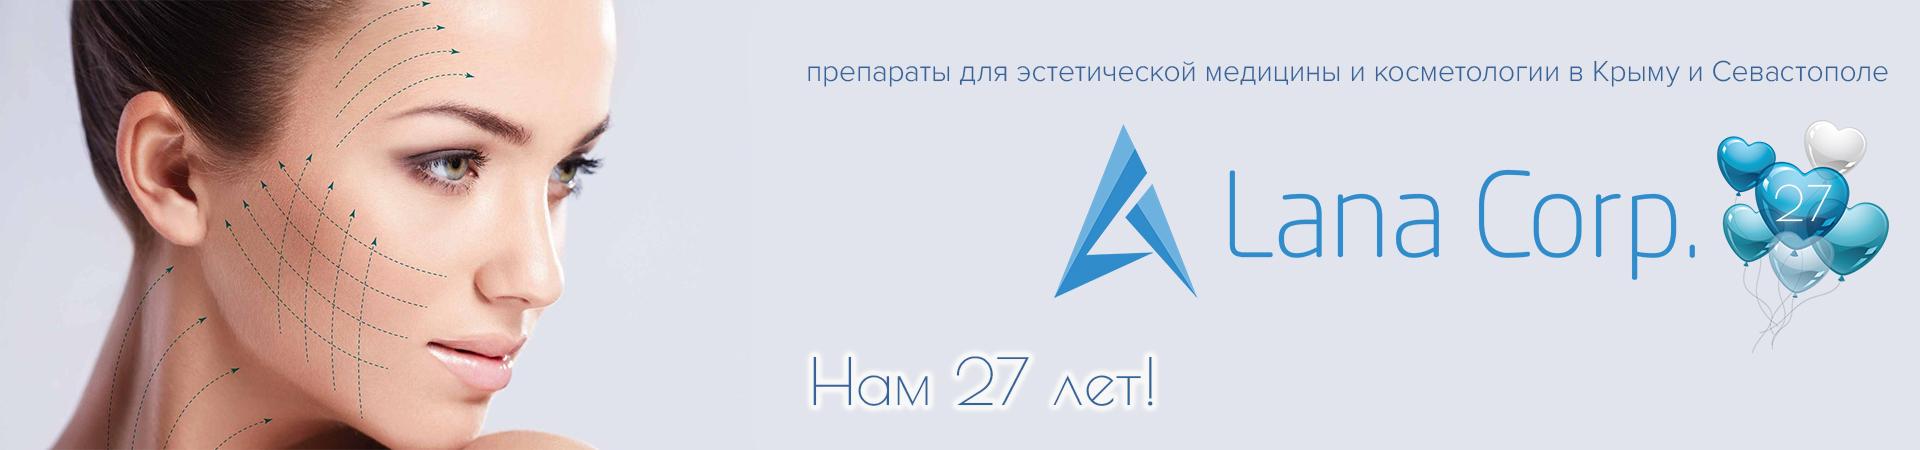 Нам 27 лет!